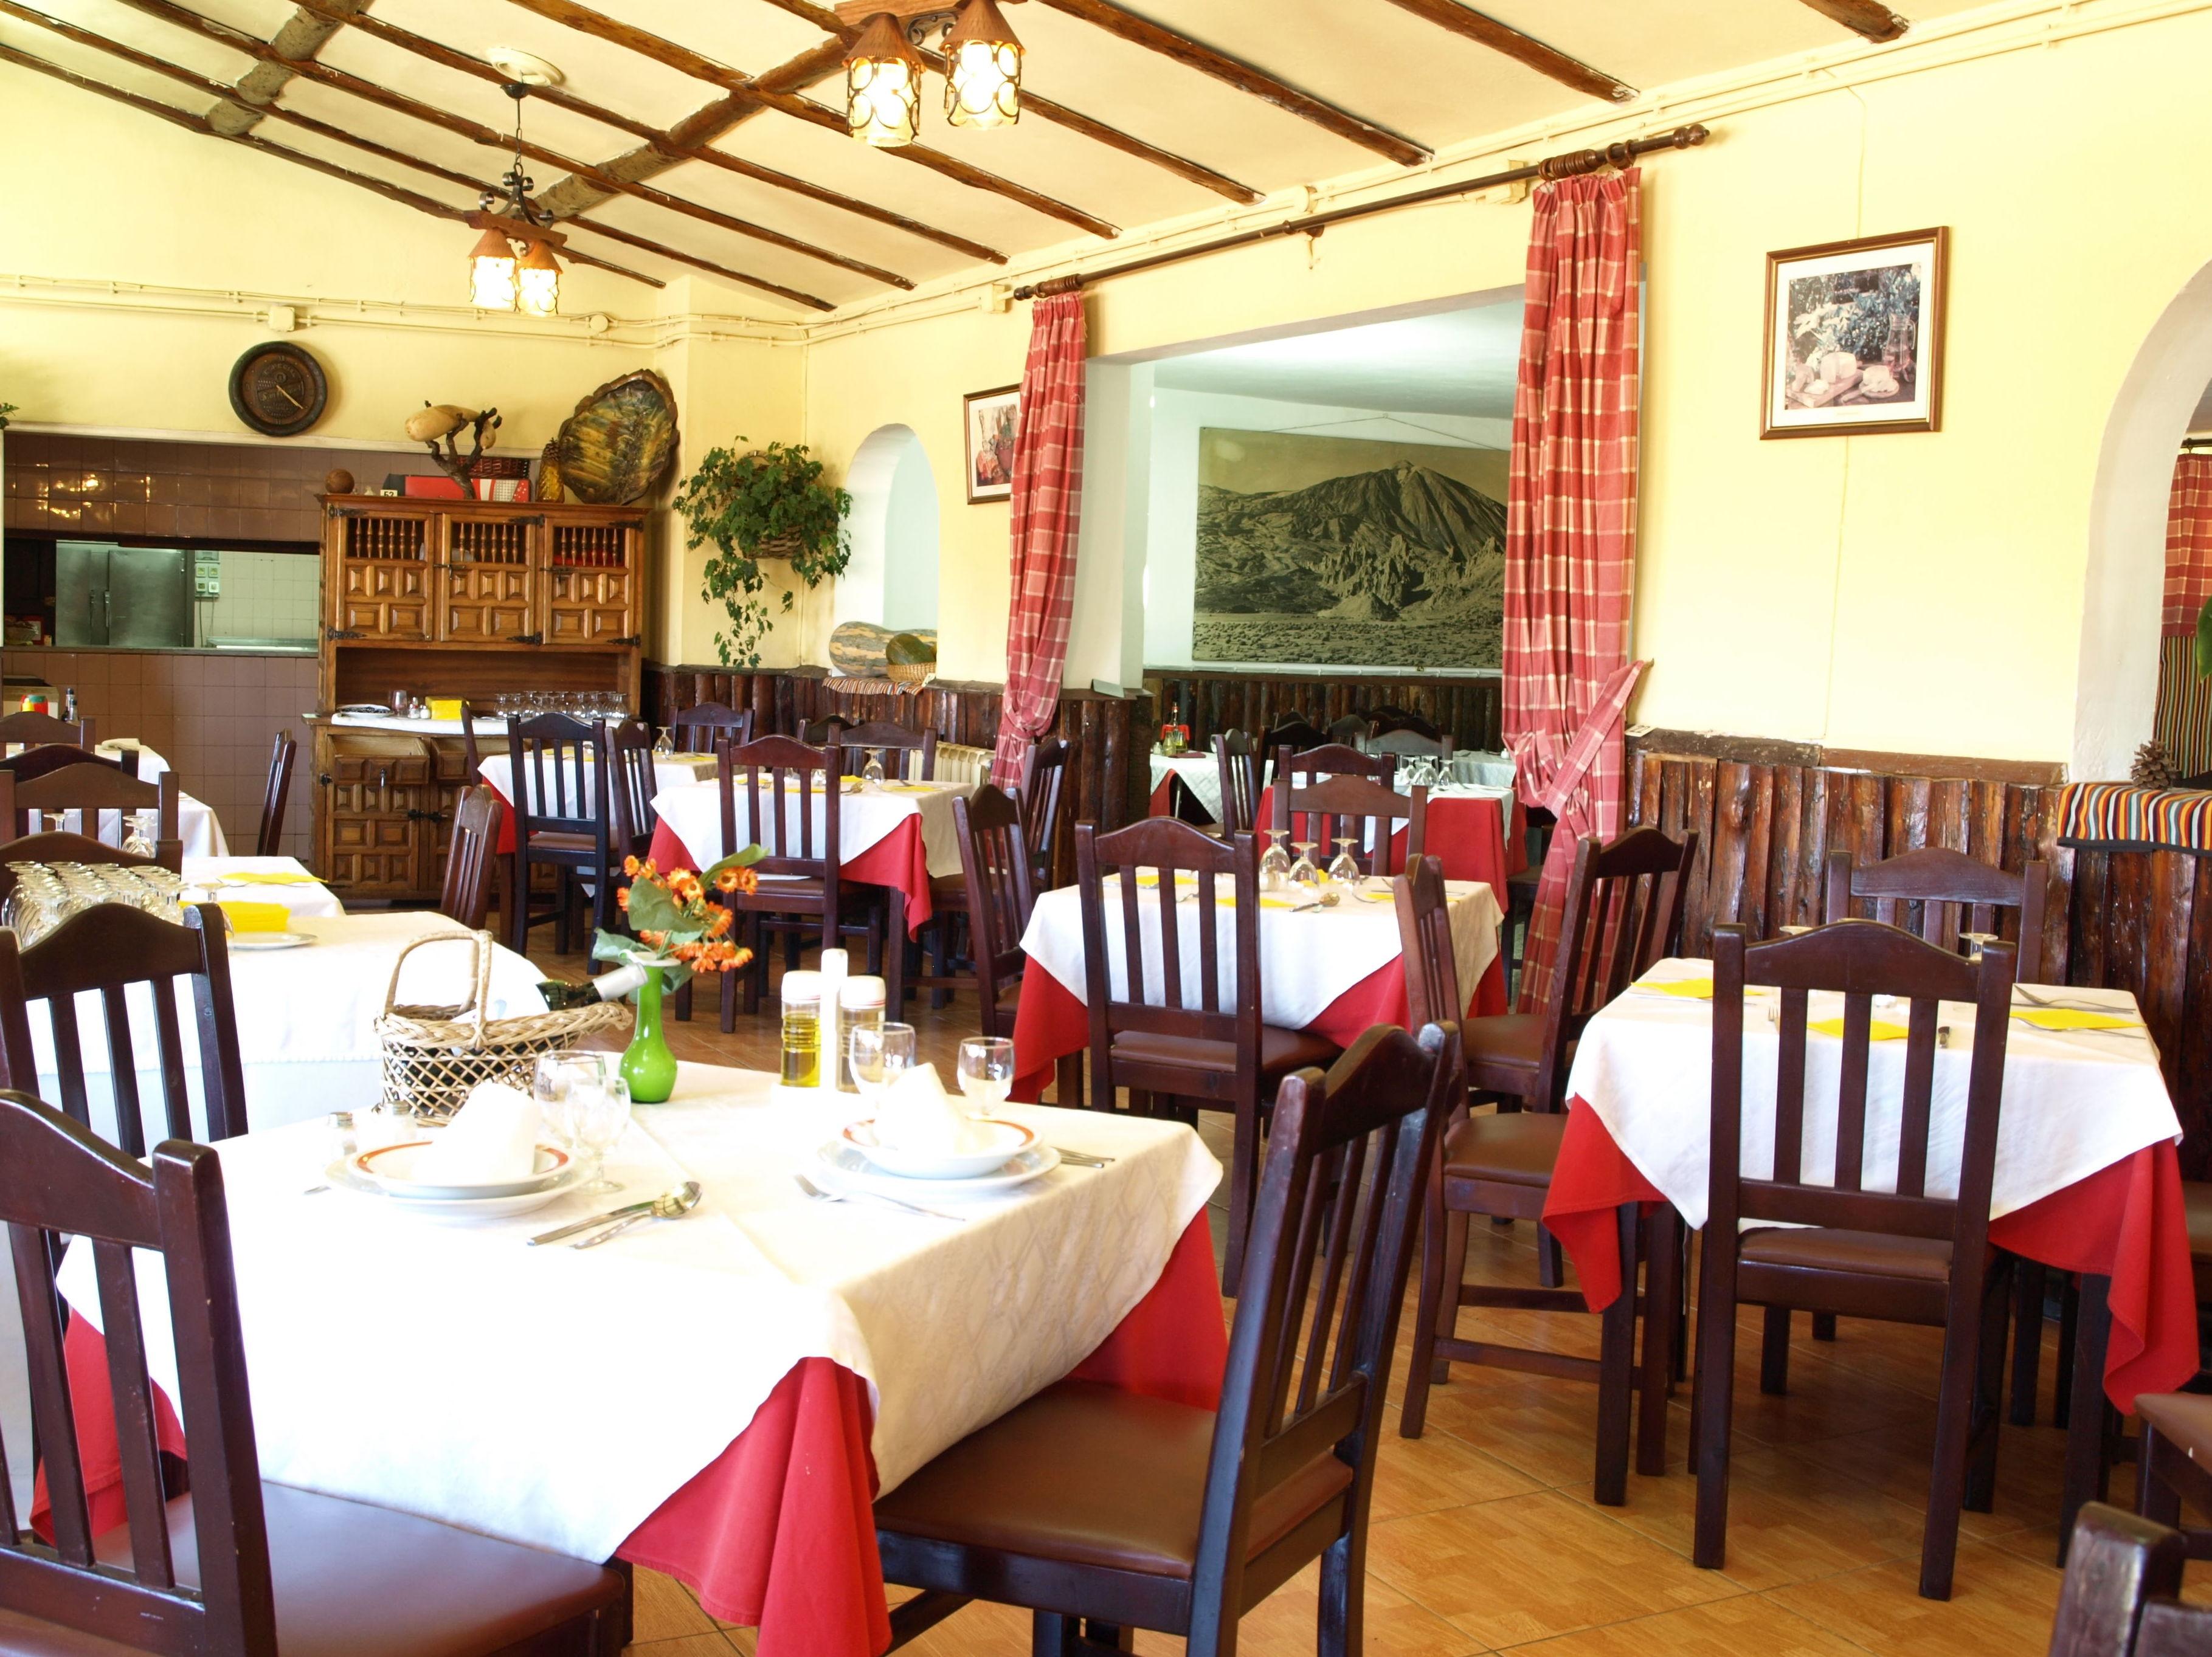 Restaurante El Portillo, cocina canaria tradicional